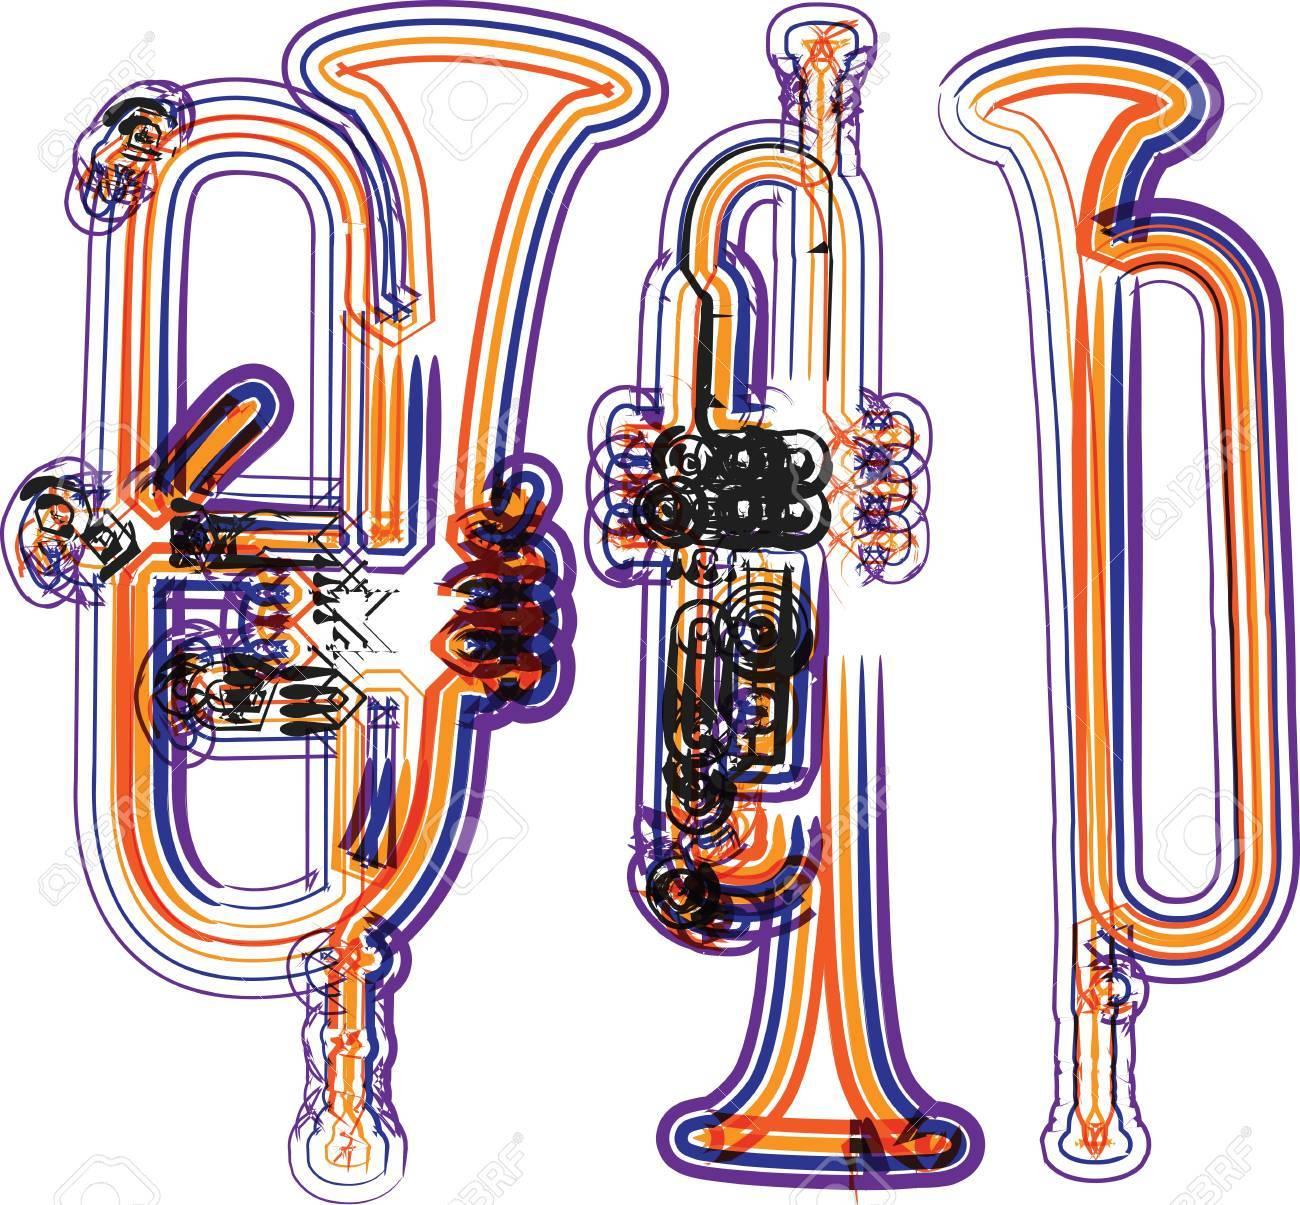 music instrument vector illustration Stock Vector - 11064299